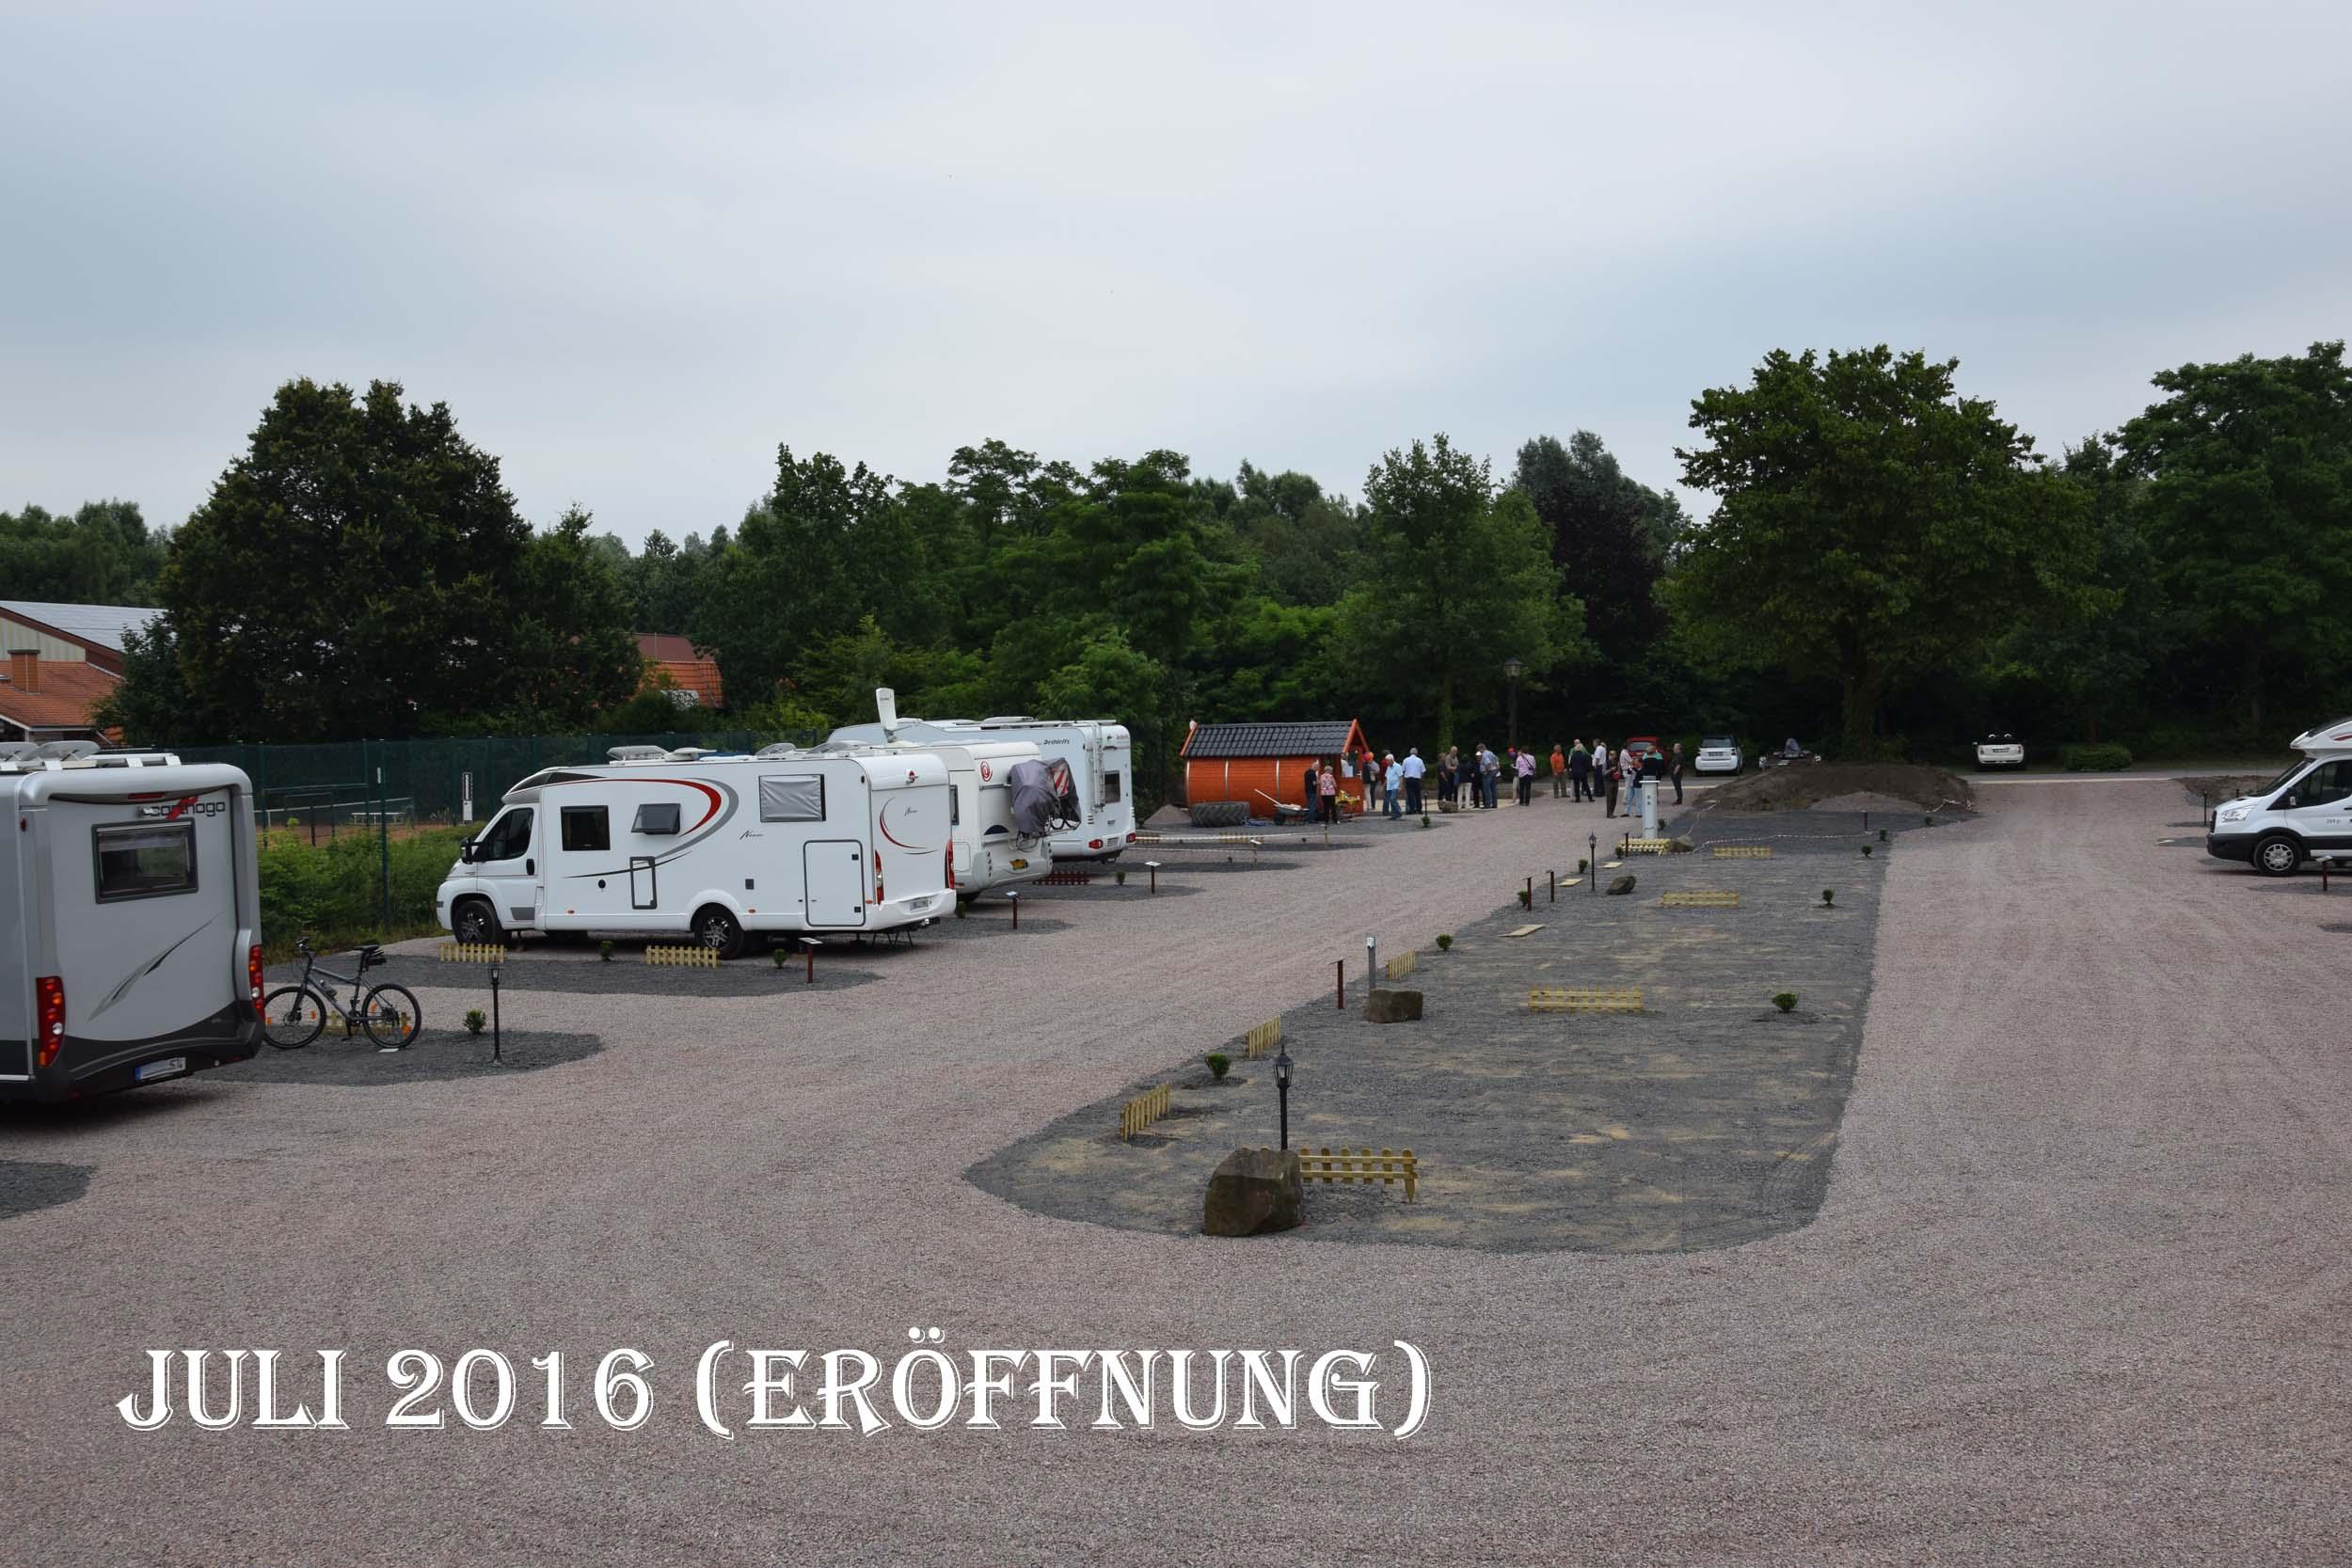 Juli 2016 Eröffnung